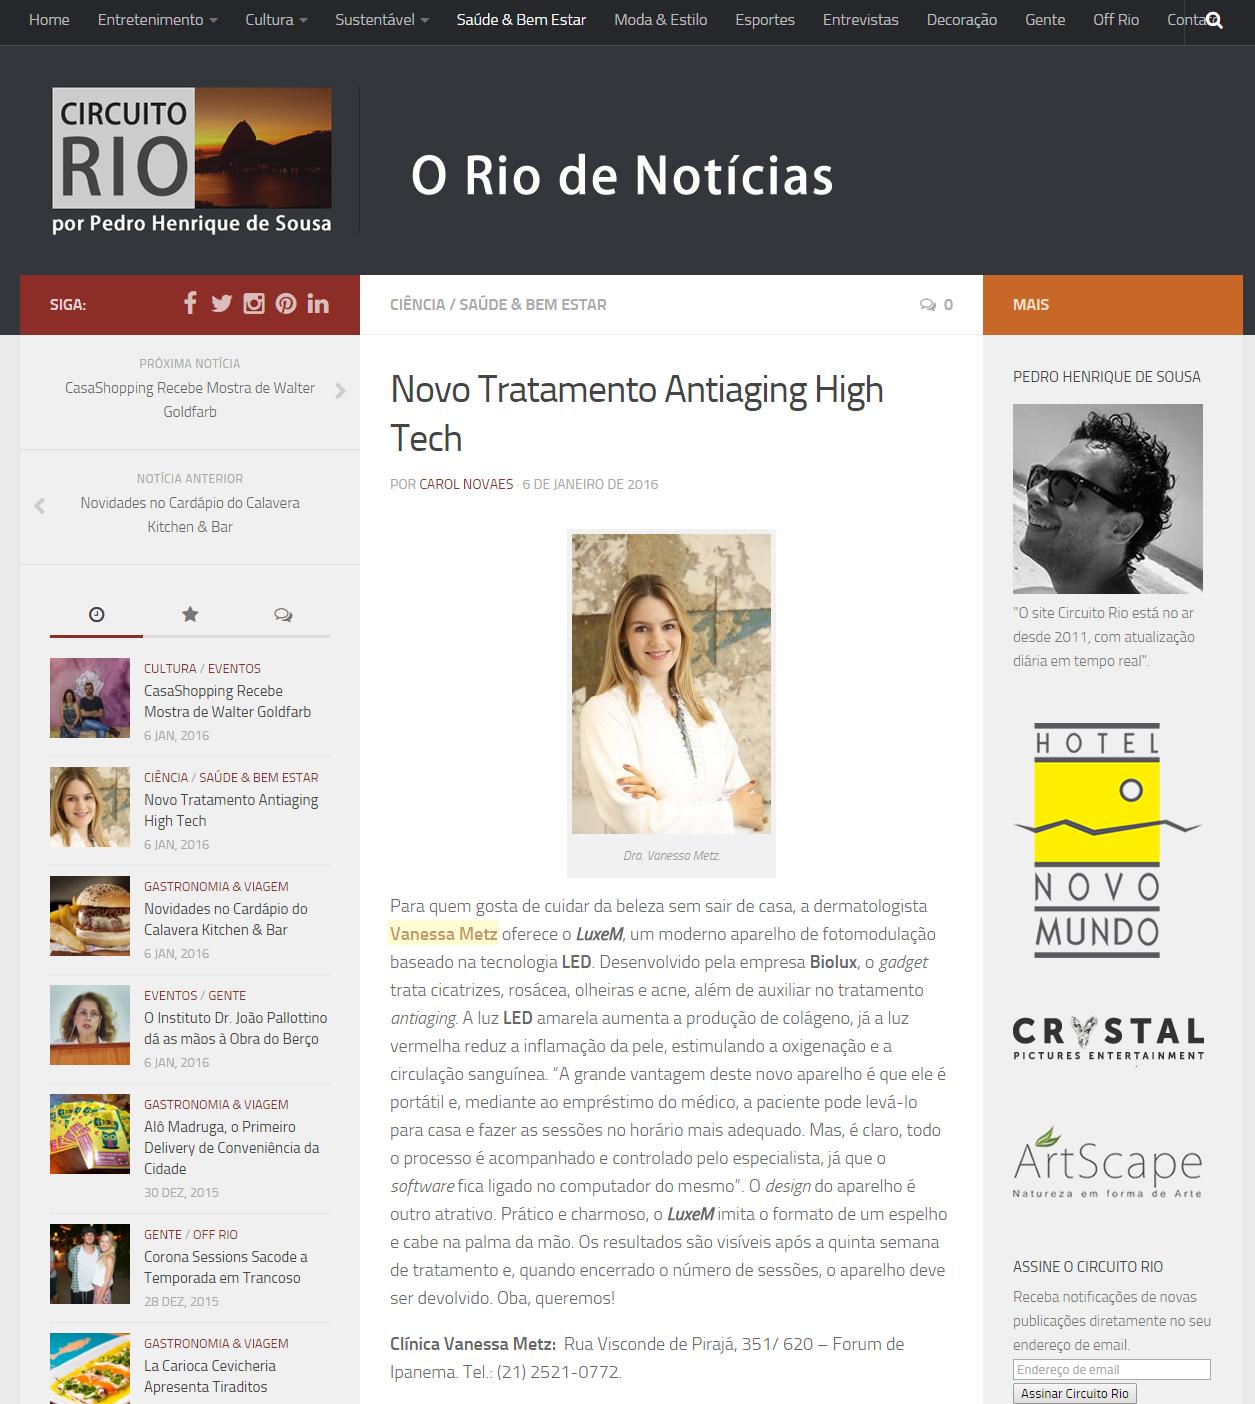 Portal Circuito Rio - 06 de janeiro de 2016 - Novo tratamento antiaging high-tech